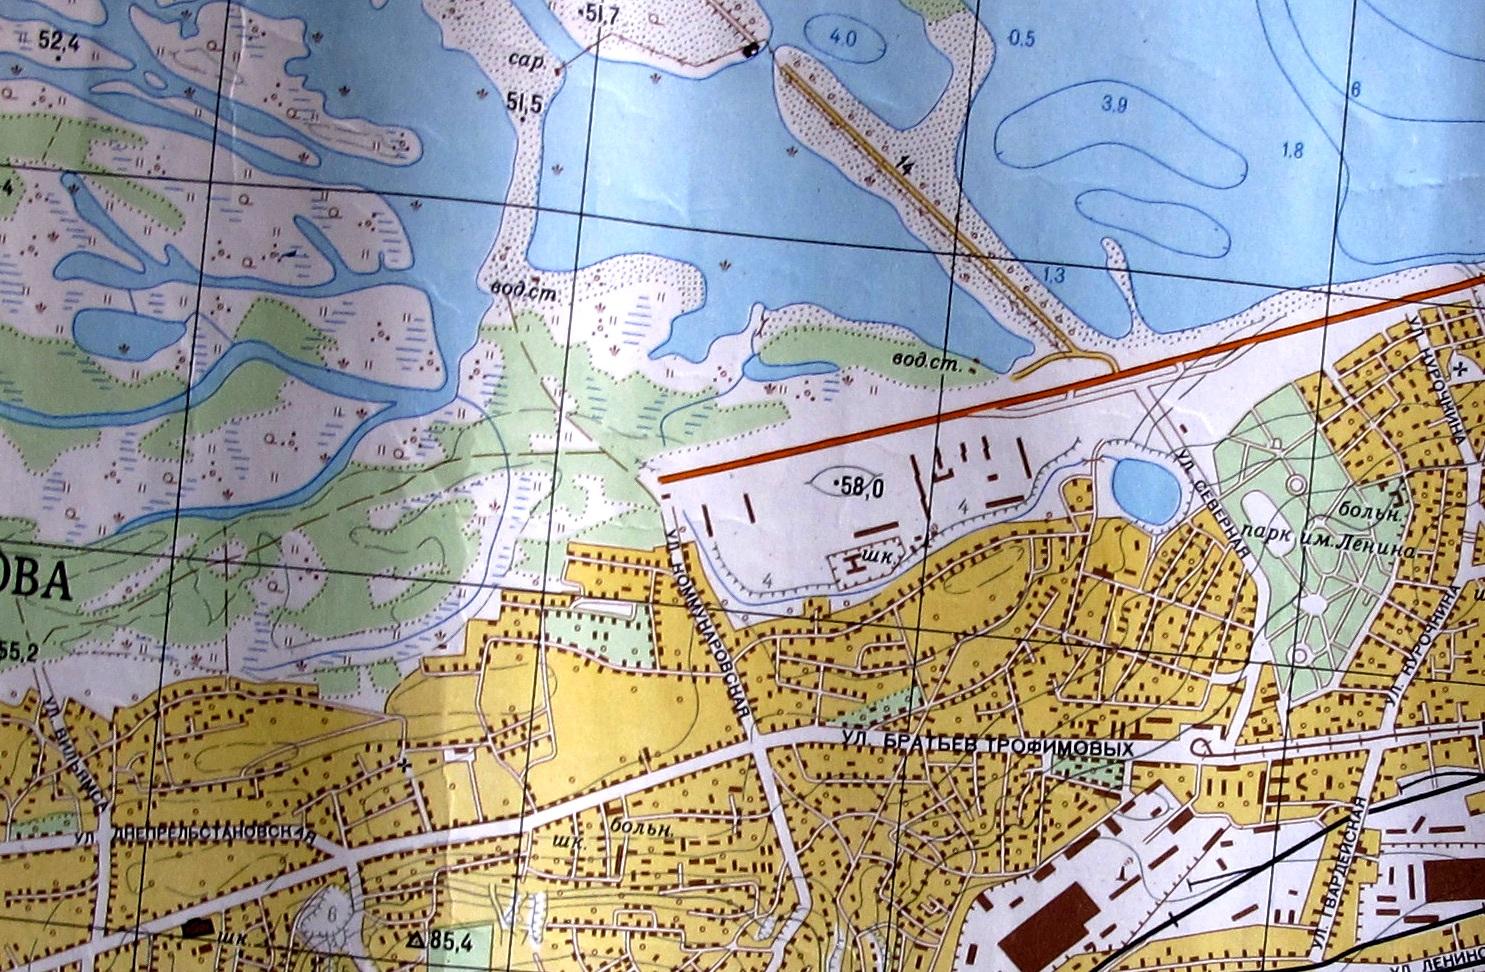 Перспективная зона застройки жилмассива. Карта начала 1970-х годов Жилмассиву Красный Камень в Днепре – 50 лет!